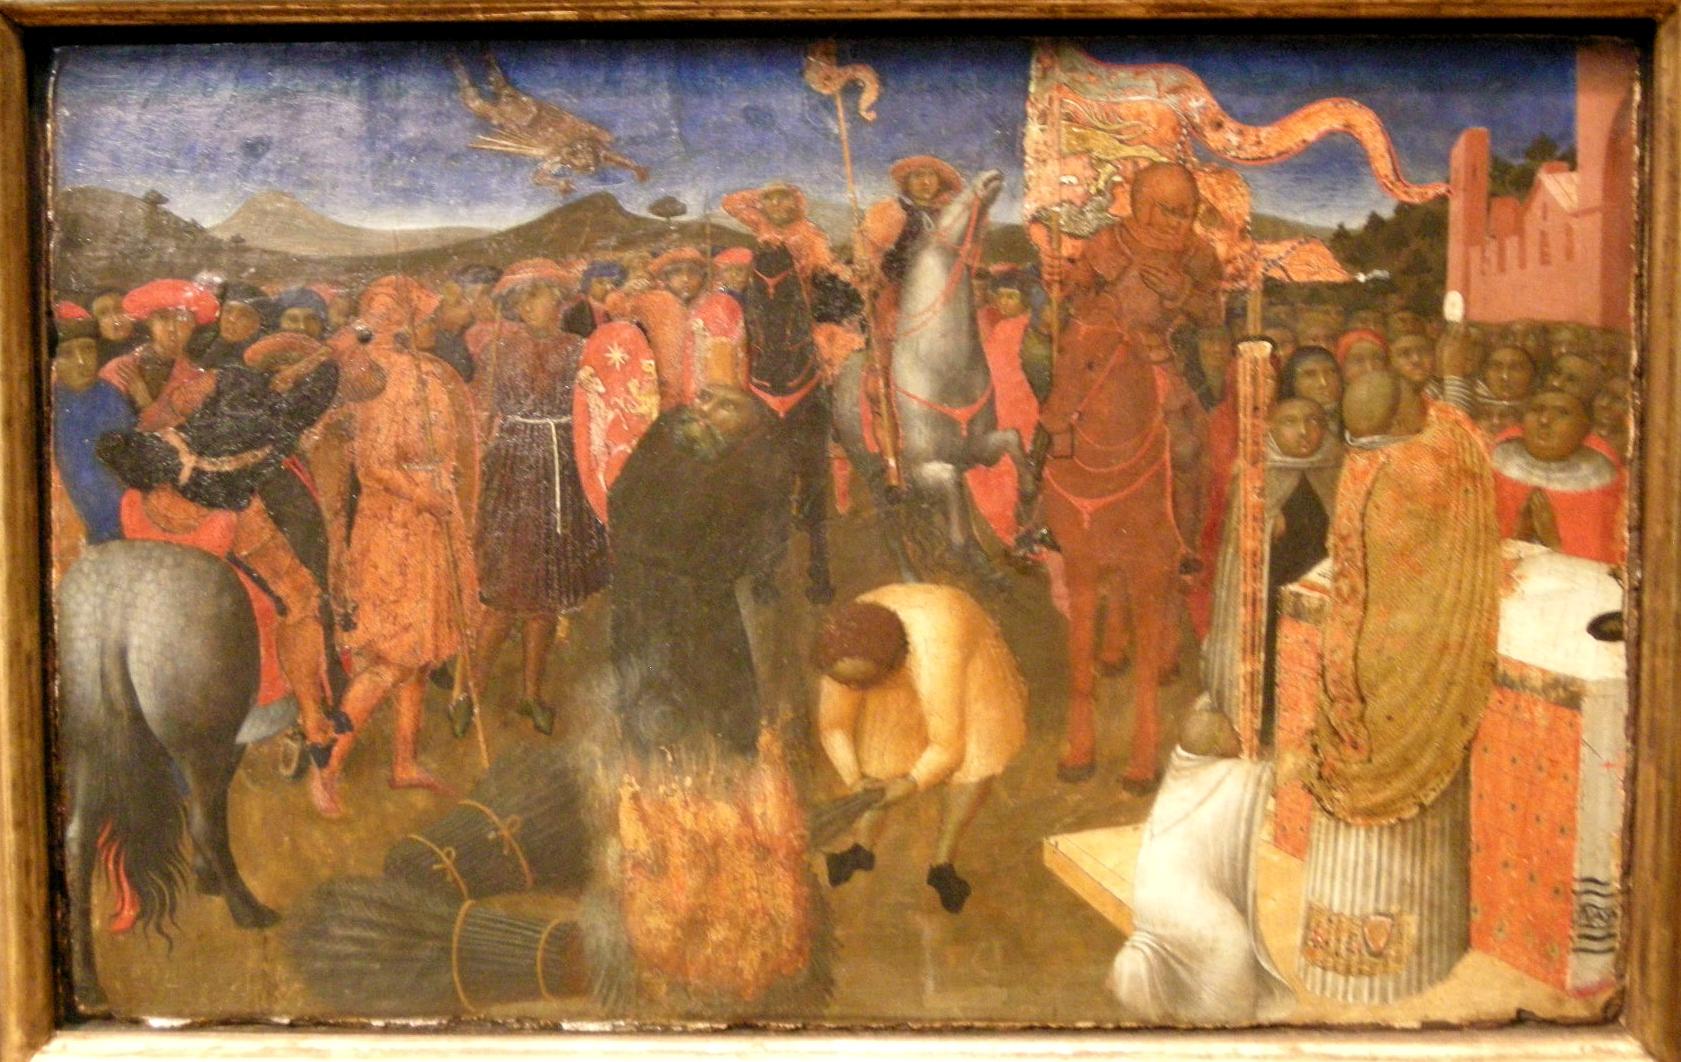 File:Sassetta, rogo di un eretico, 1423-25 o 26.JPG